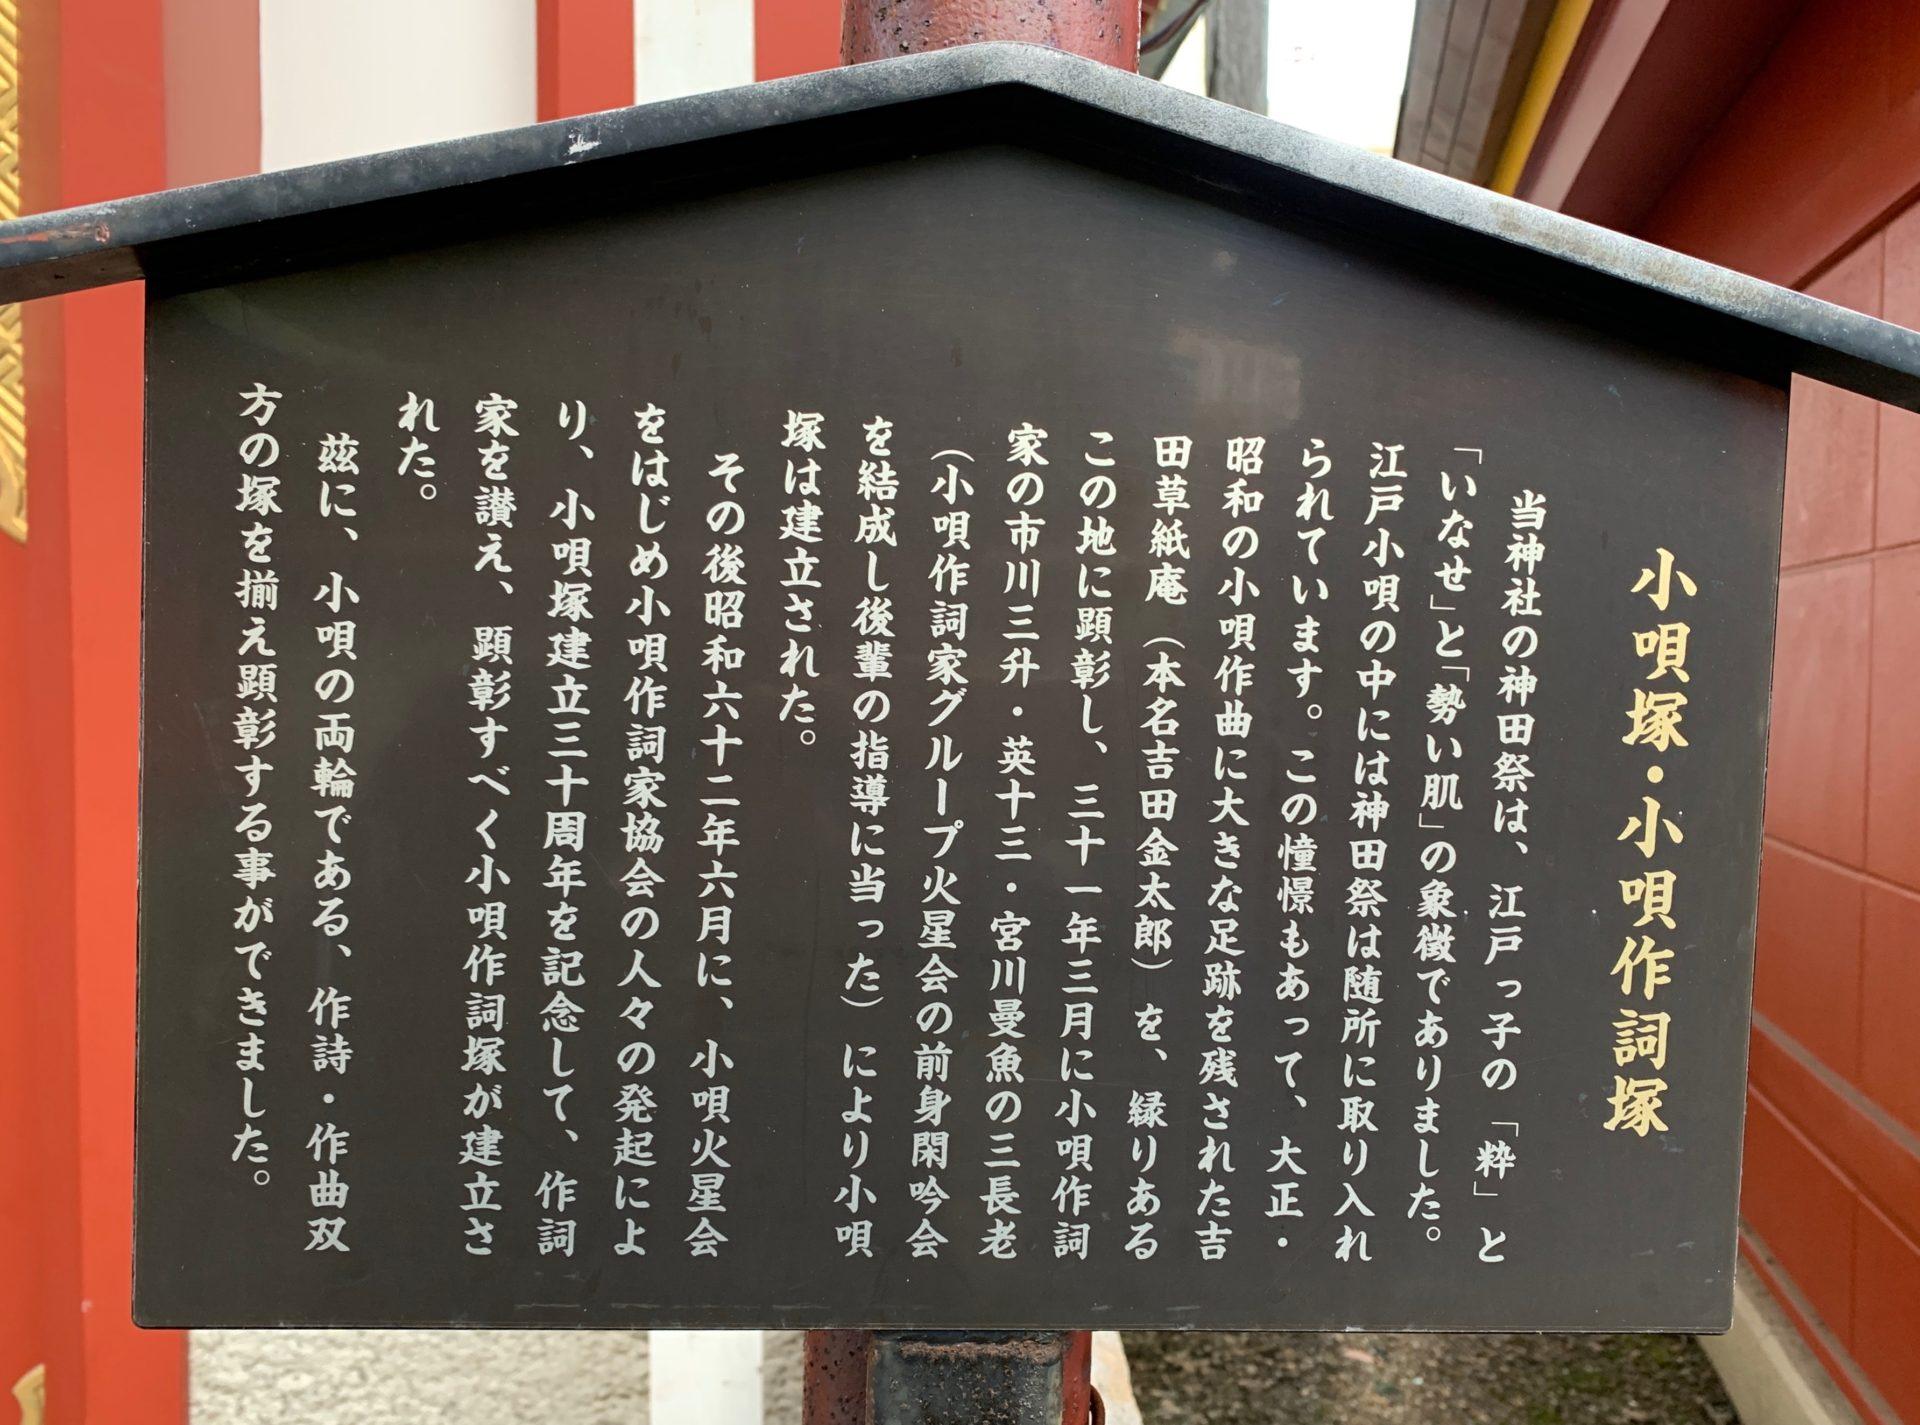 小唄塚・小唄作詞塚の案内